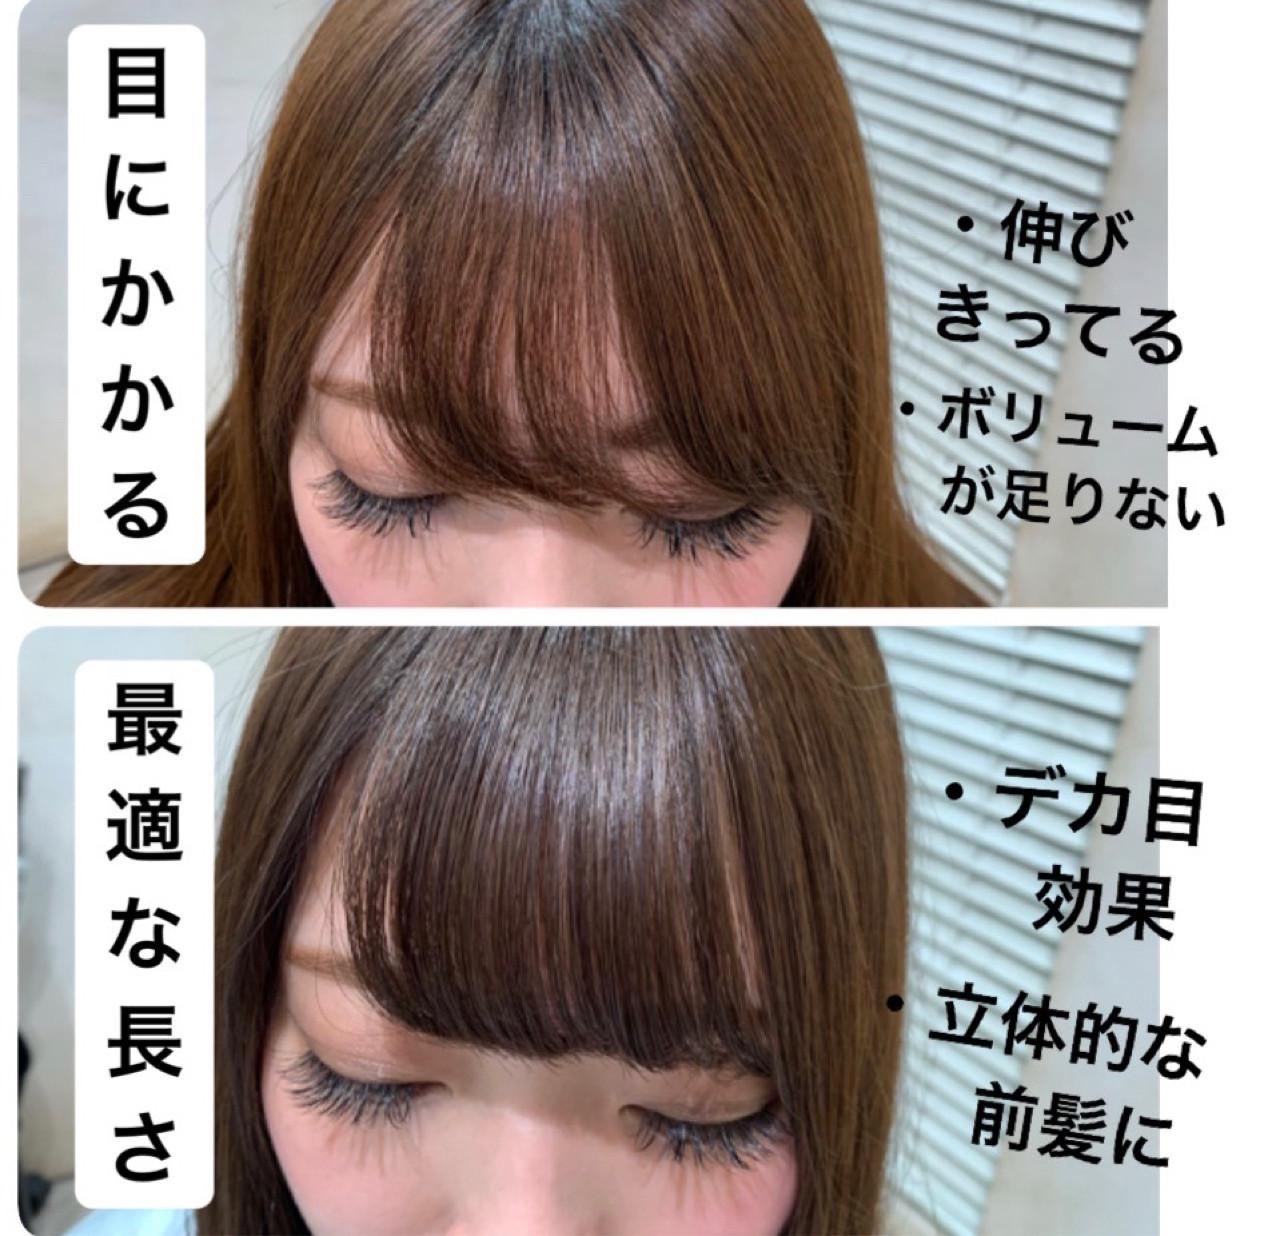 前髪あり 流し前髪 ロング 前髪パーマ ヘアスタイルや髪型の写真・画像